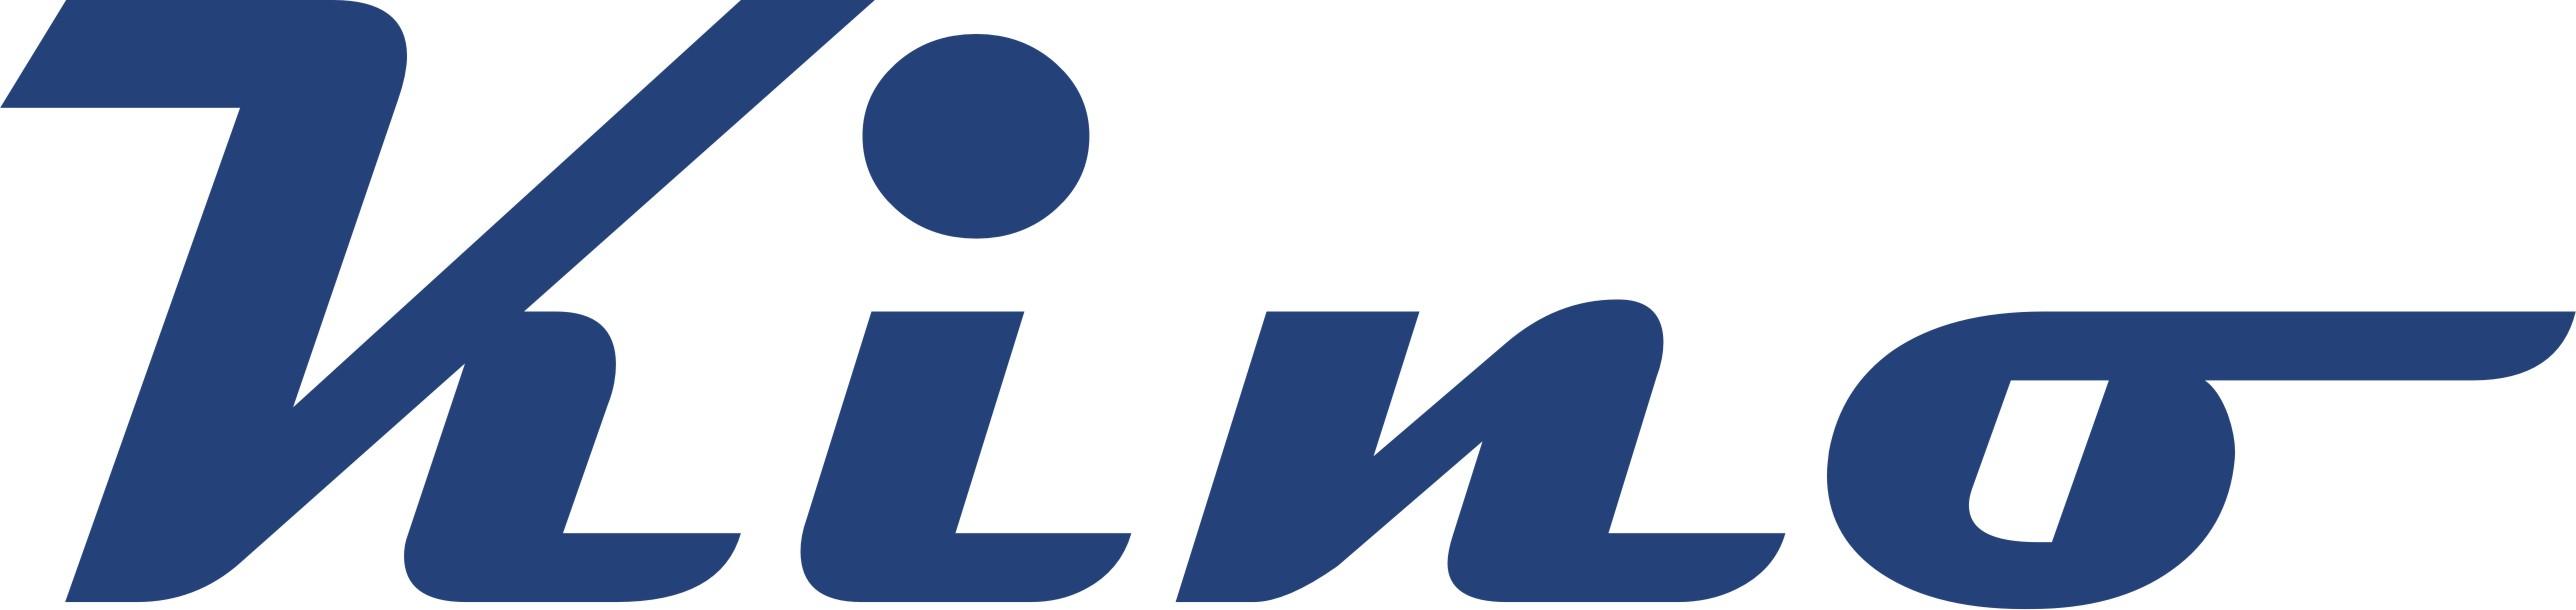 美國科諾工業有限公司 (戰略投資公司:上海梭倫信息科技有限公司)